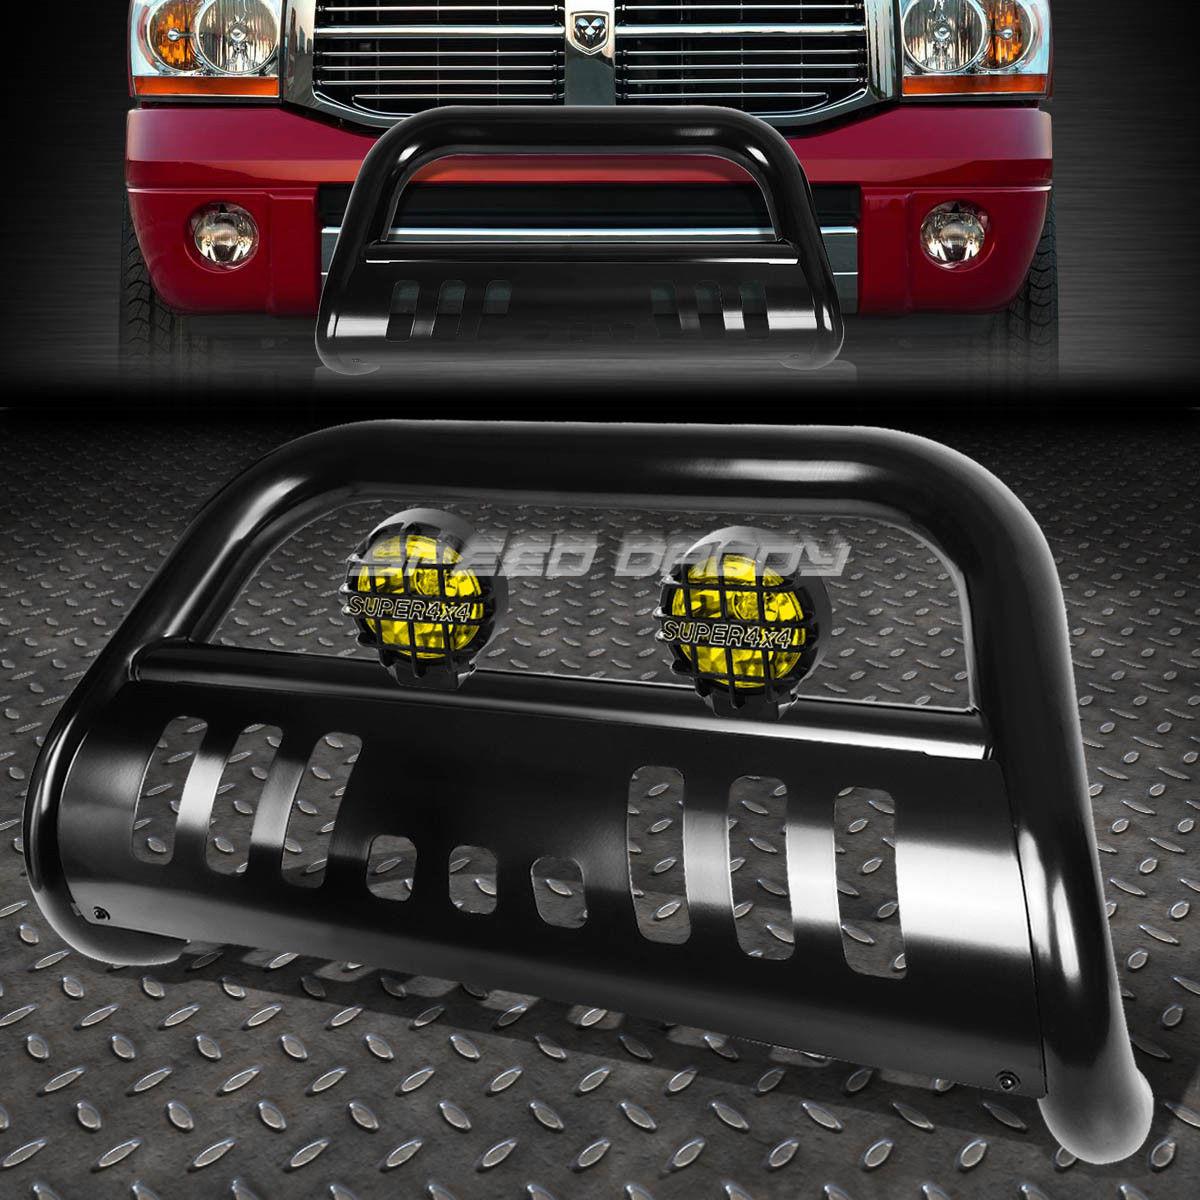 フォグライト BLACK BULL BAR GRILLE GUARD+YELLOW FOG LIGHT FOR 02-09 DODGE RAM 1500/2500/3500 BLACK BULLバーグリルガード+黄色のフォグライト02-09ダッジRAM 1500/2500/3500